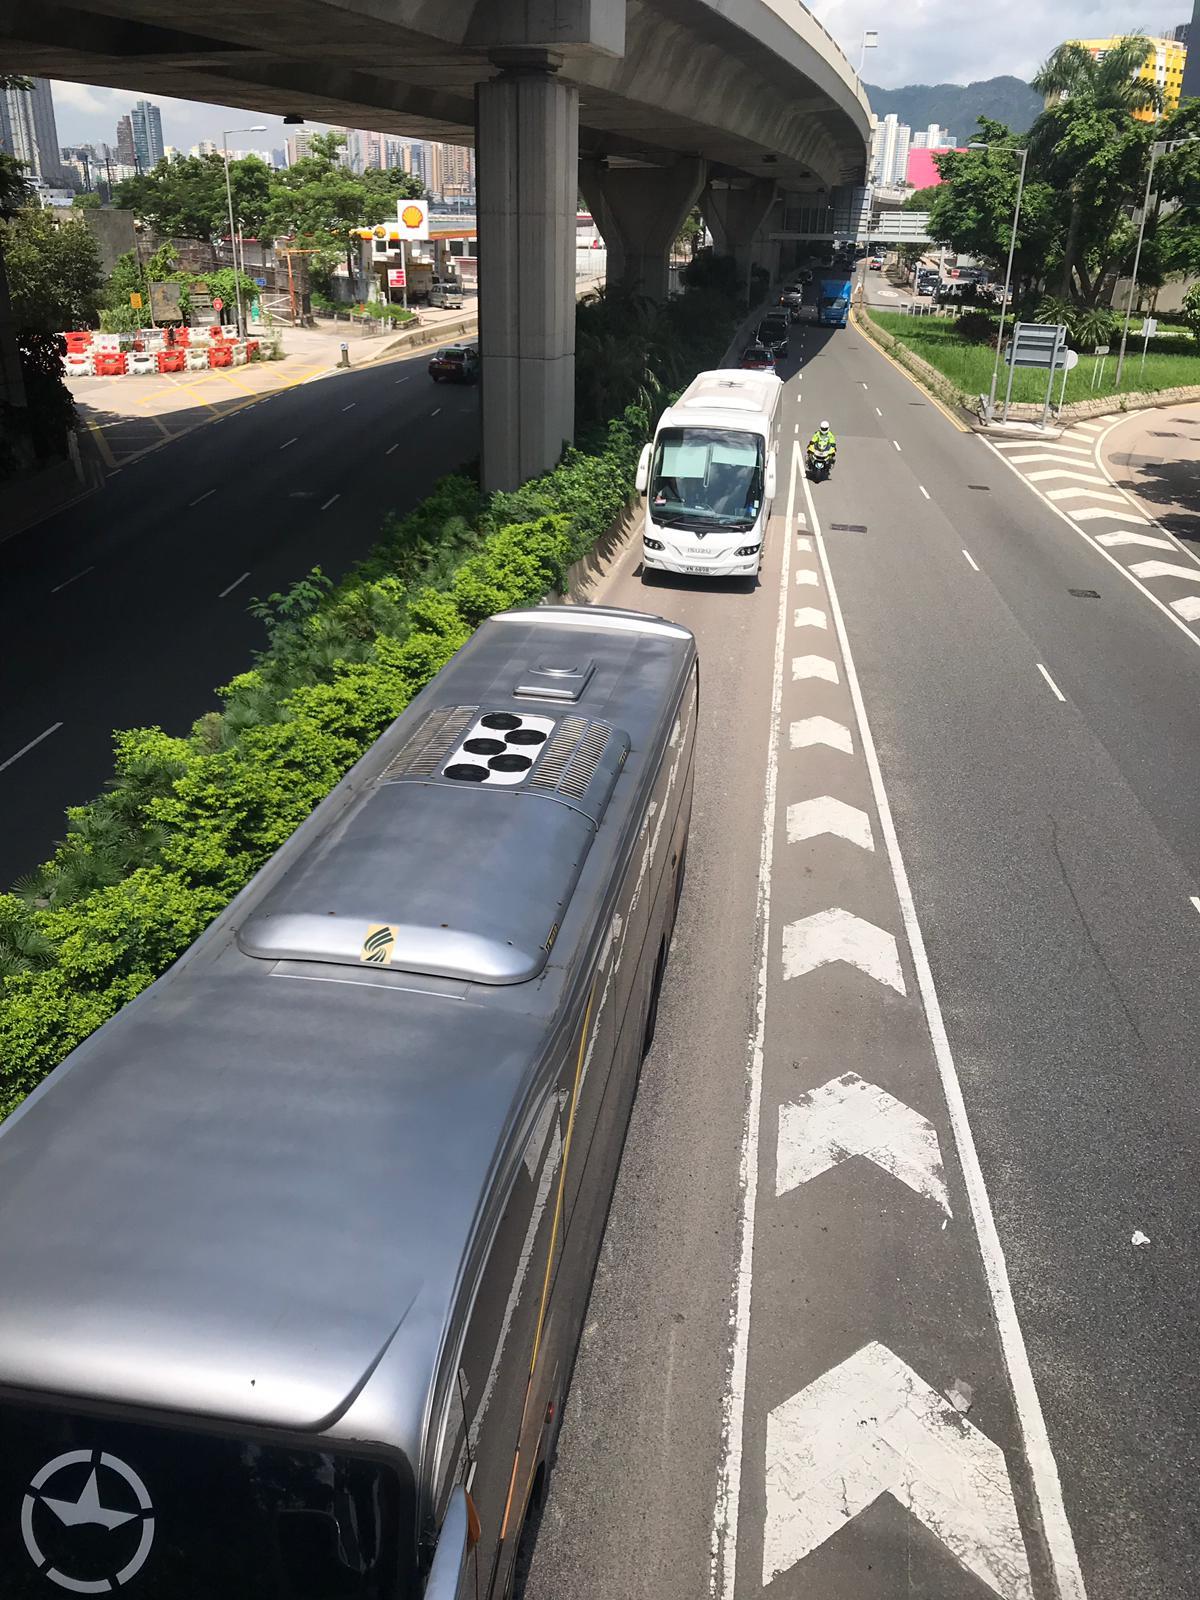 【修例风波】不满示威活动影响司机生计 多辆旅游巴慢驶游行抗议